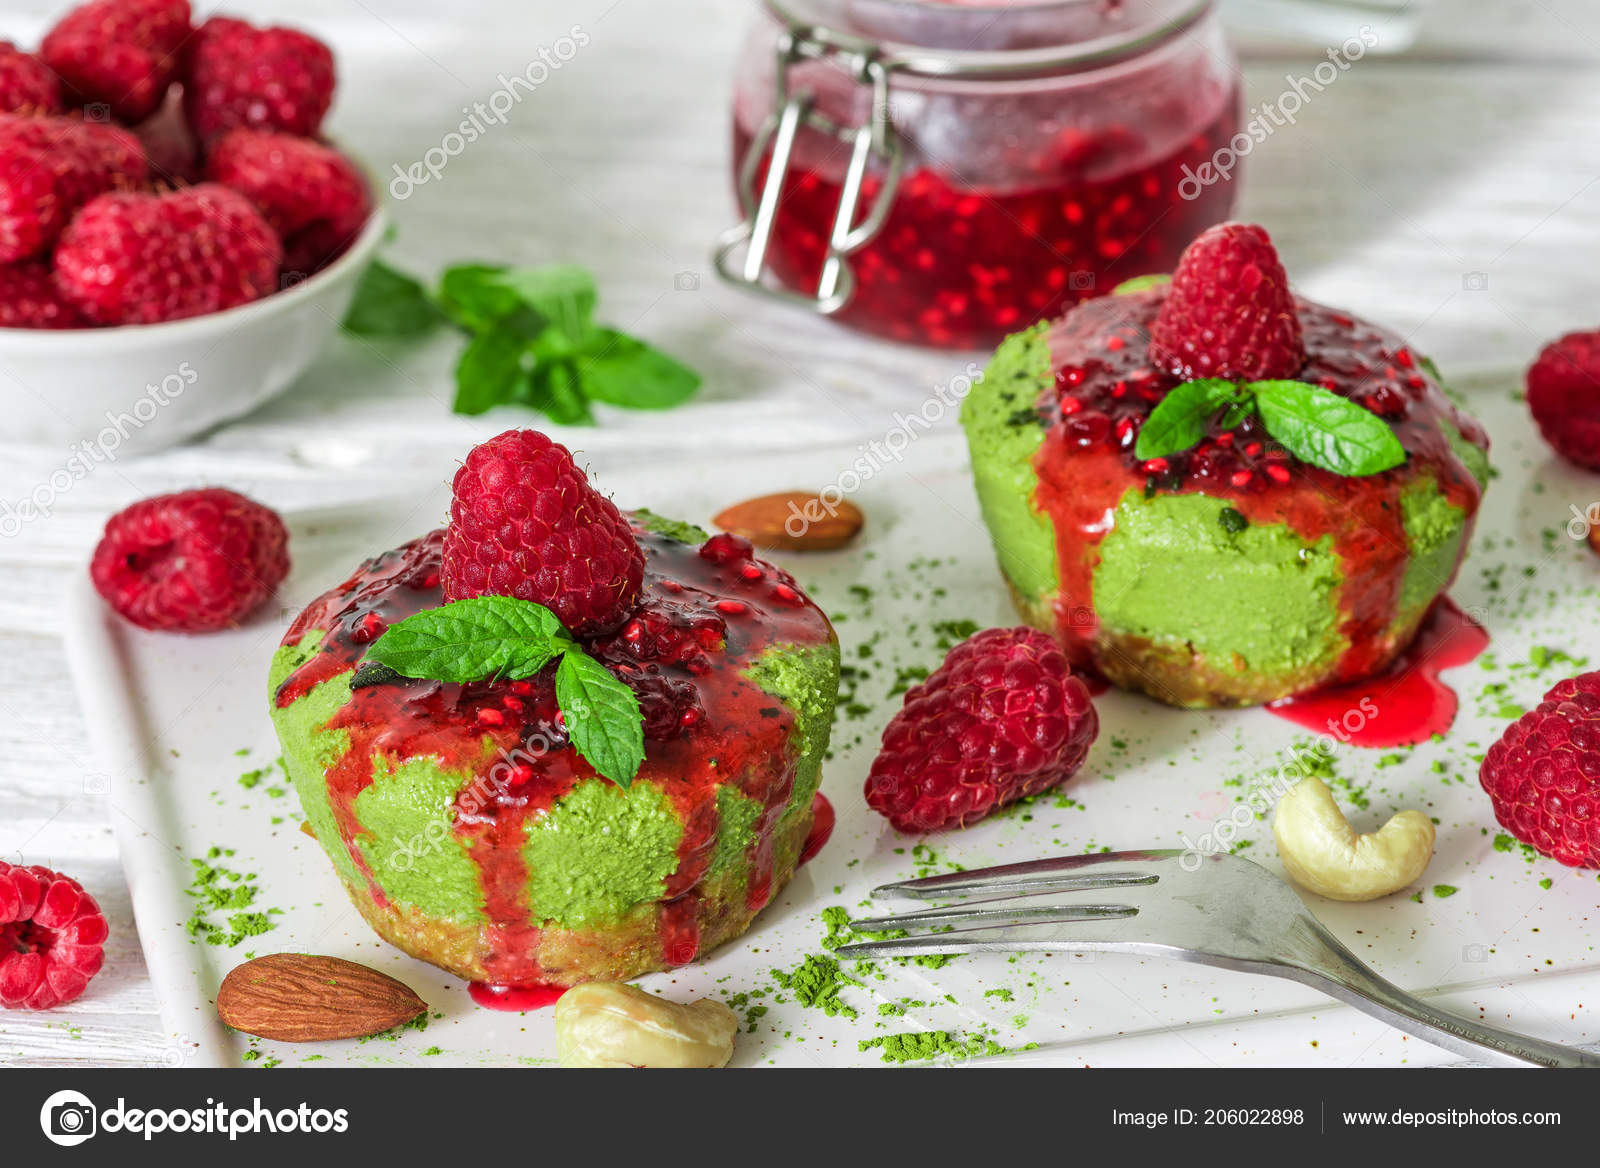 Grunen Matcha Vegane Rohe Kuchen Mit Himbeeren Marmelade Minze Und